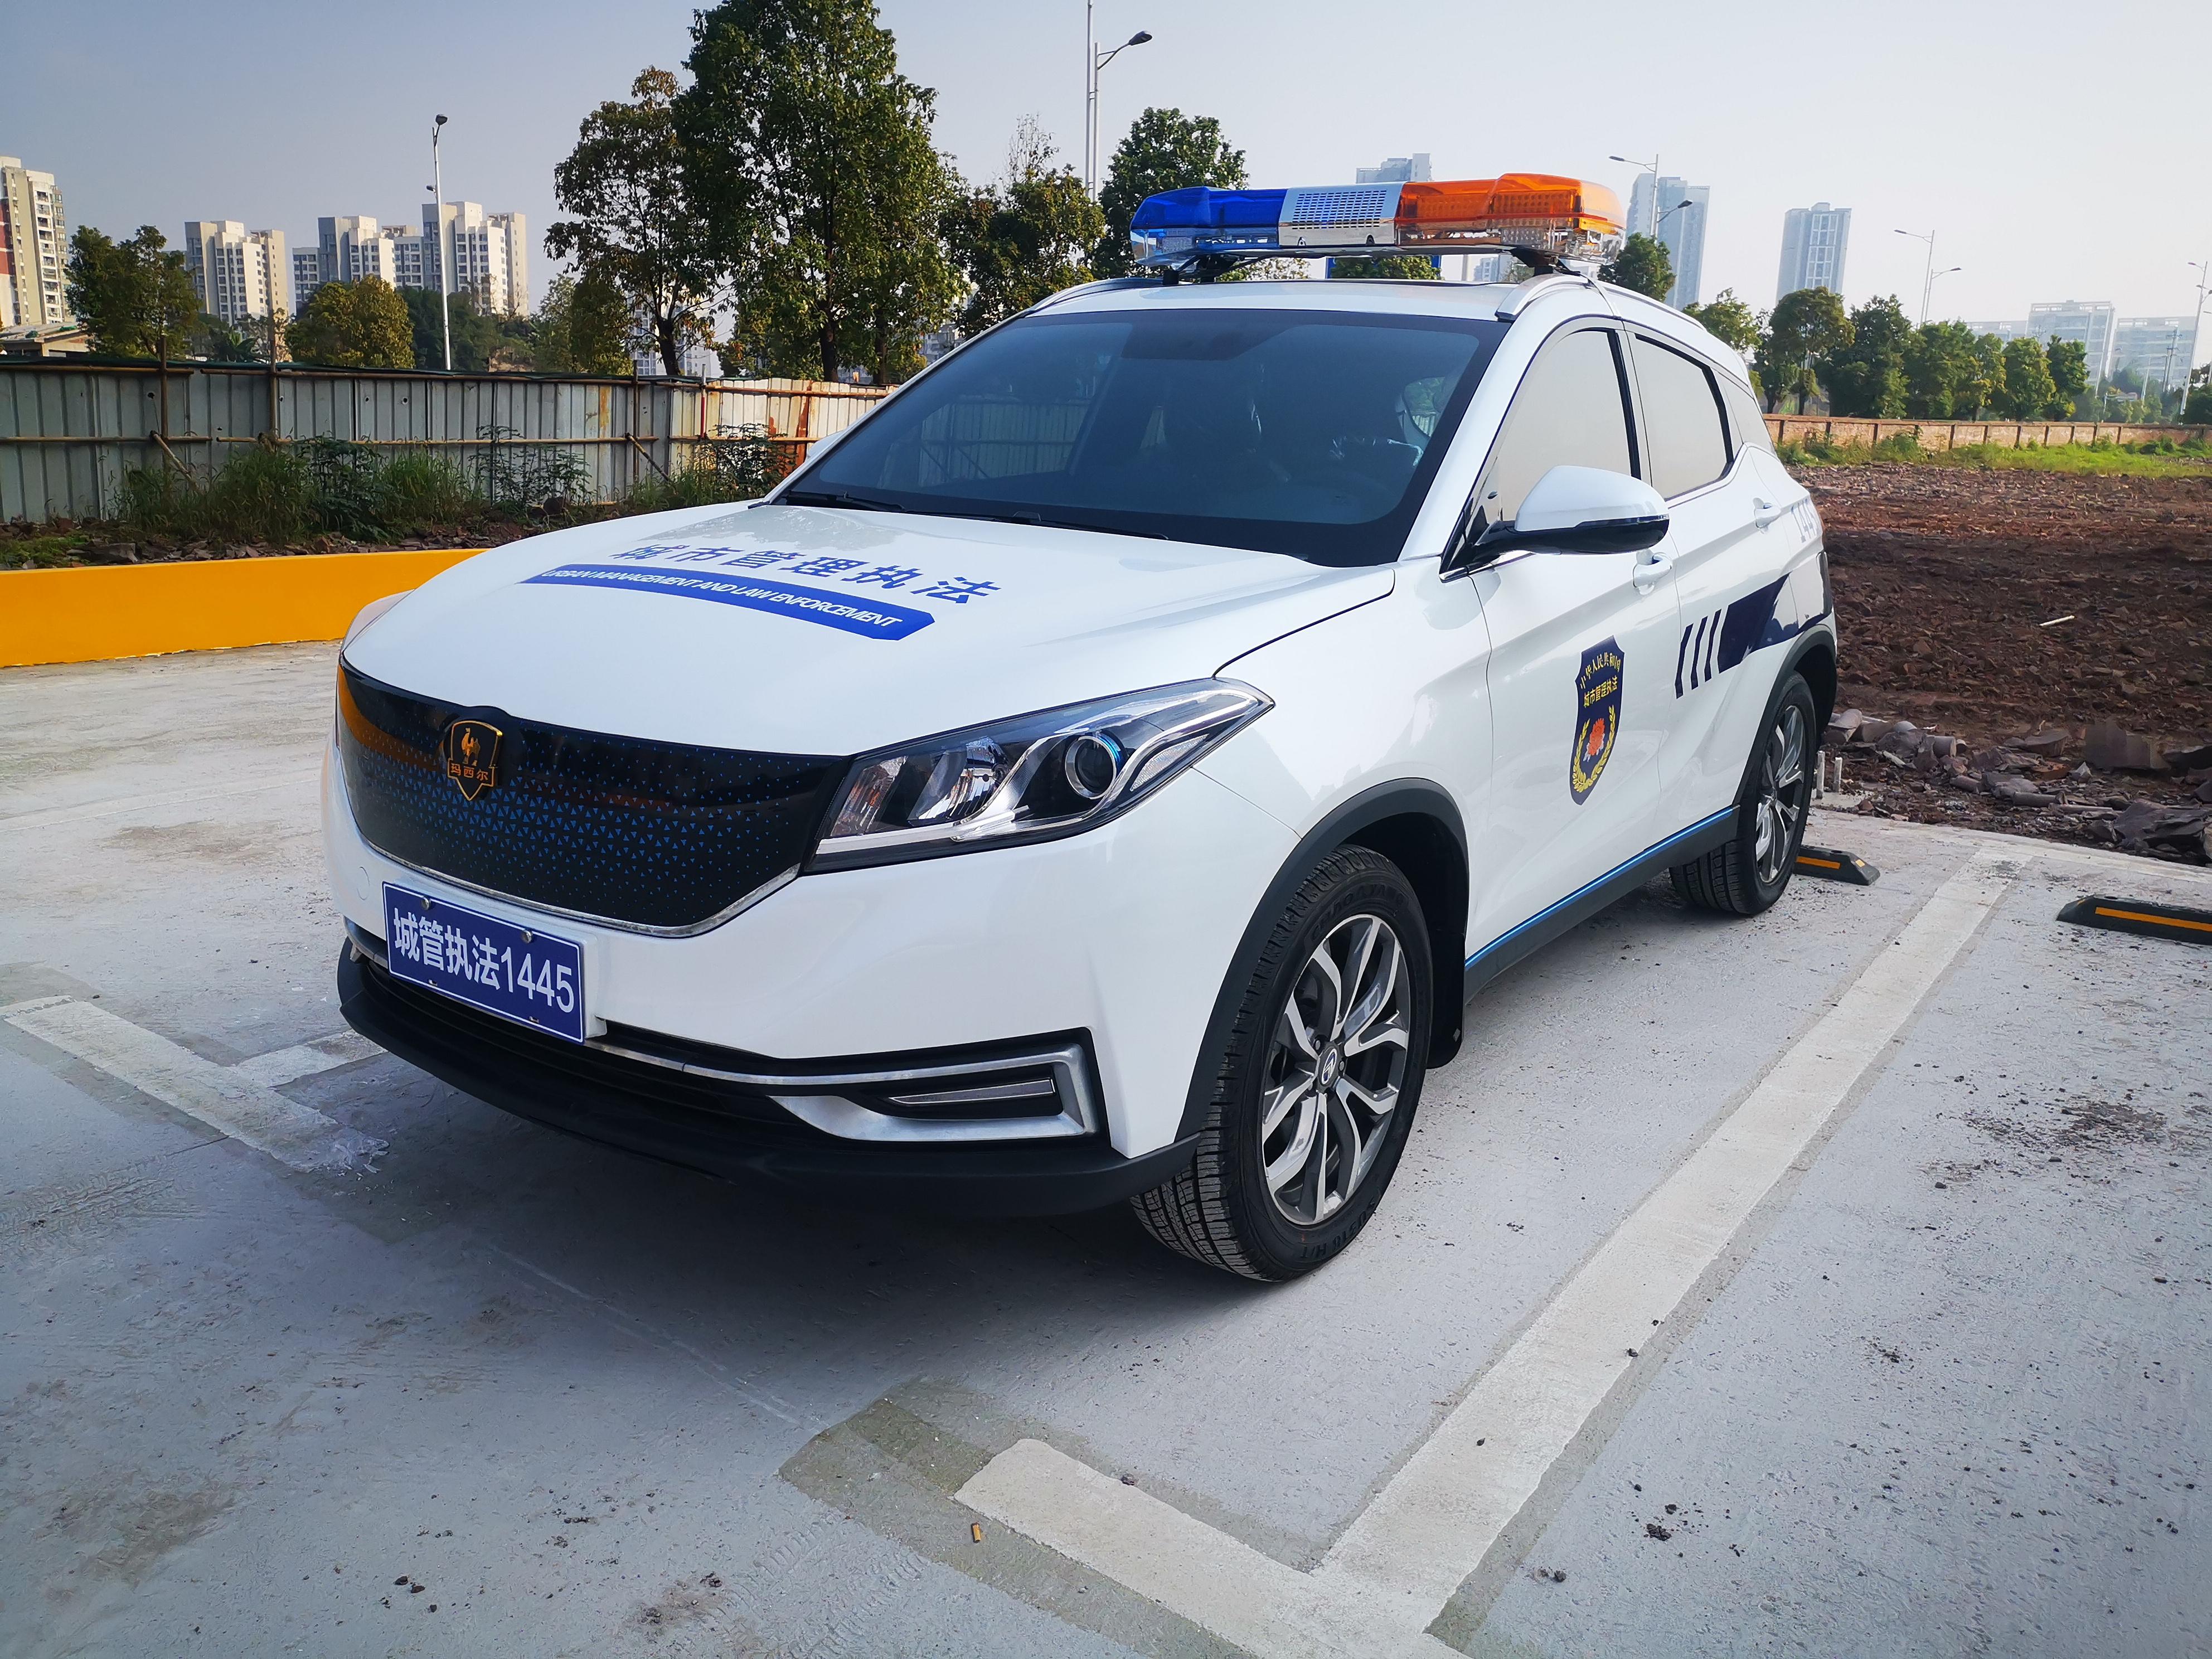 SUV型新能源巡逻车